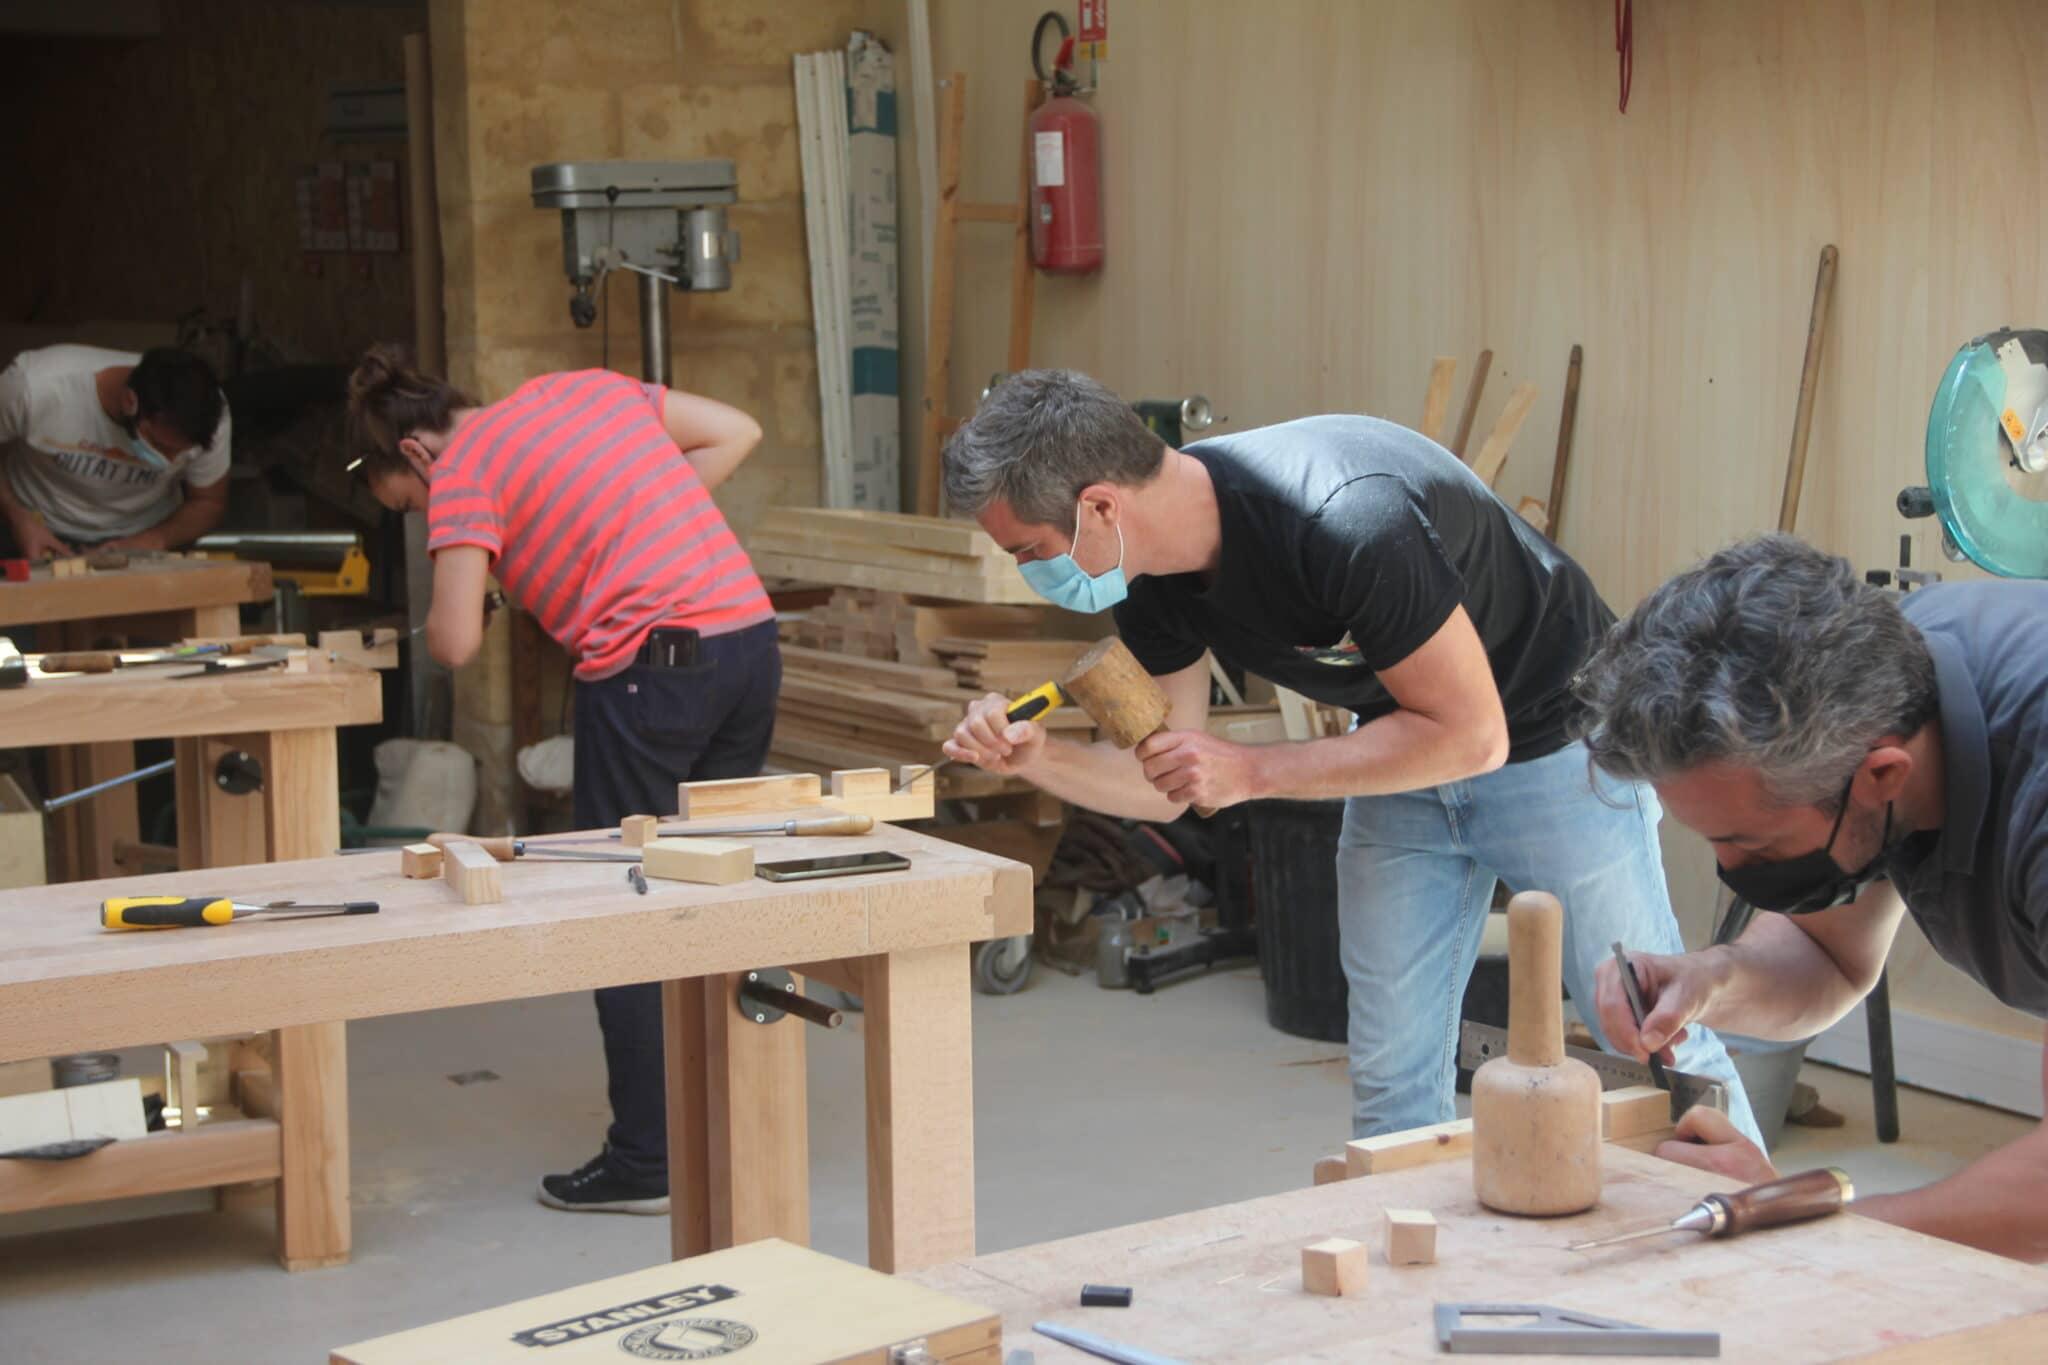 Atelier bois Bordeaux Coworking